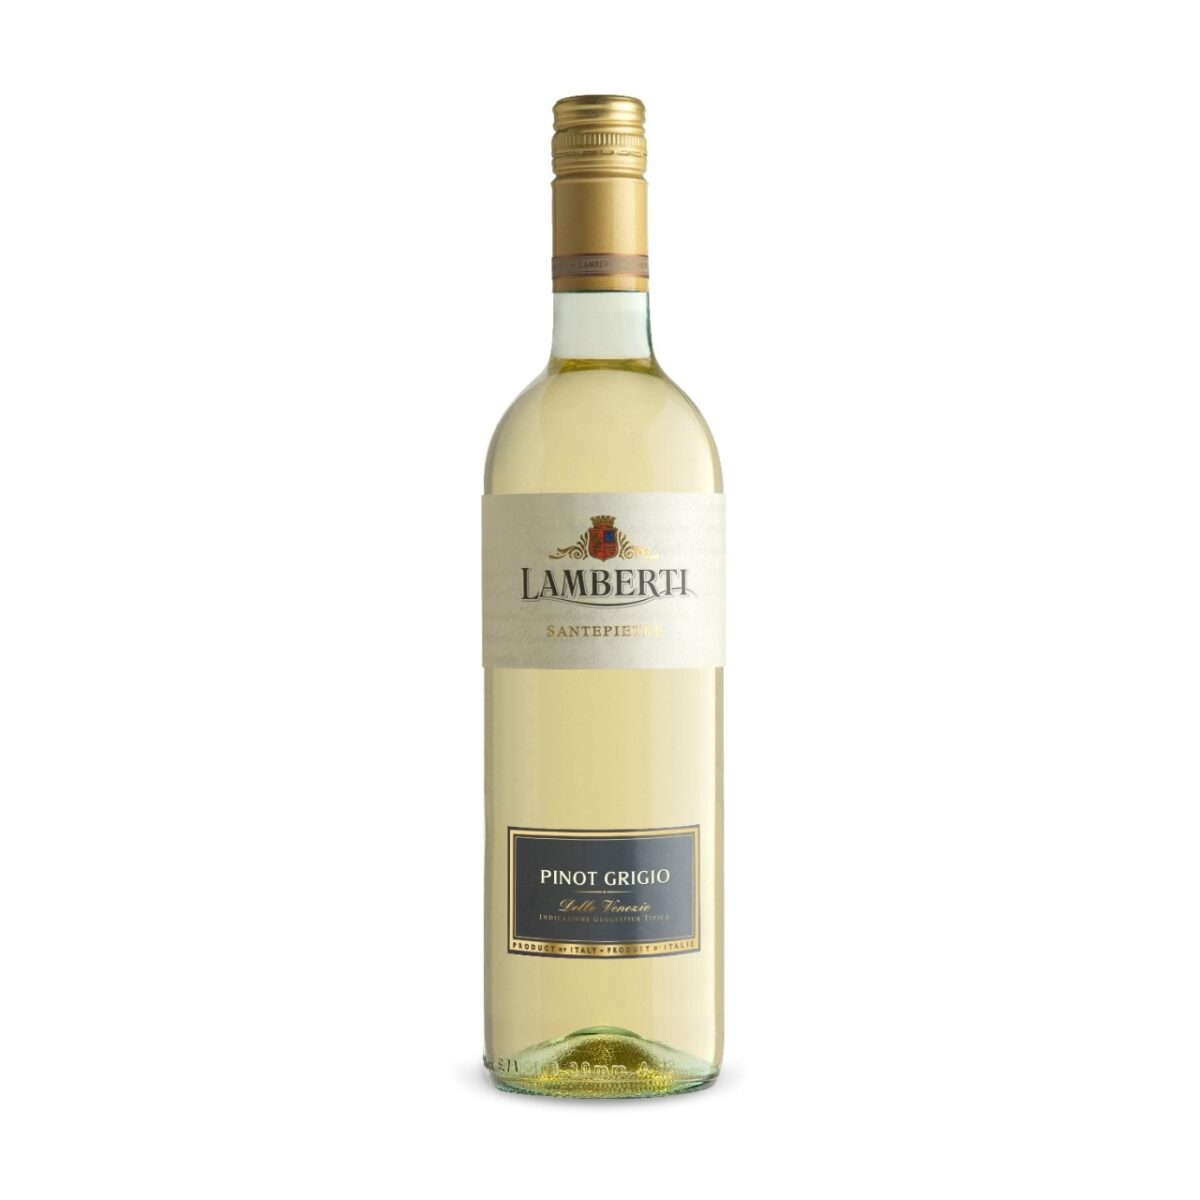 Santepietre Pinot Grigio